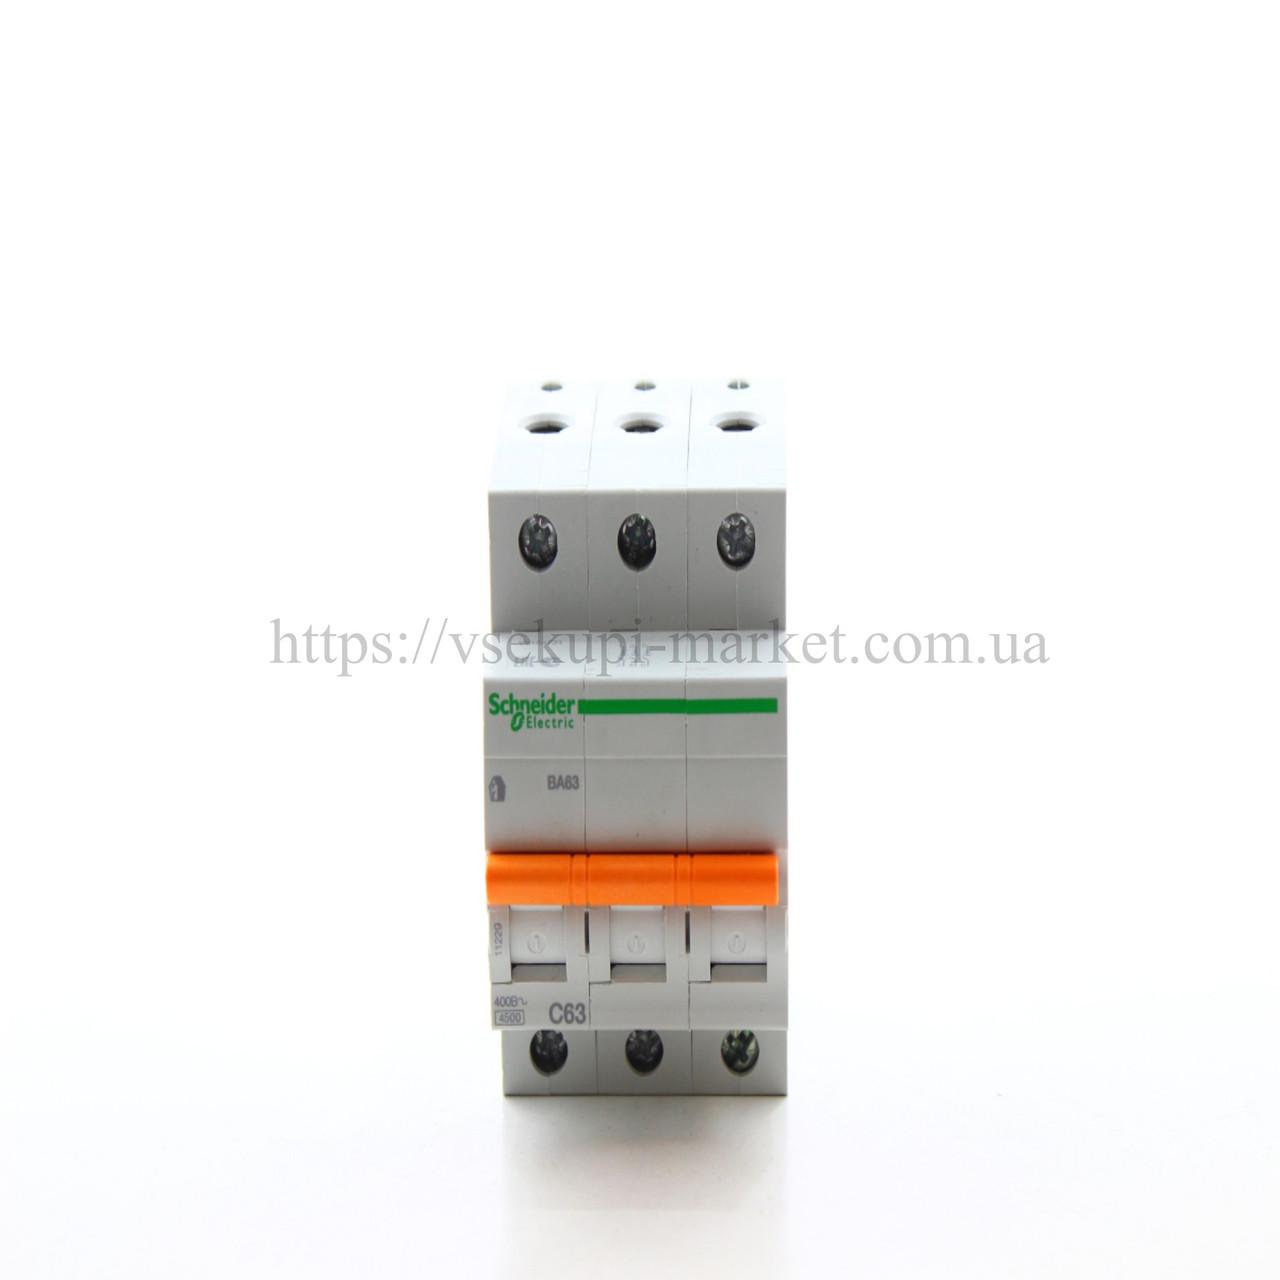 Автоматический выключатель SCHNEIDER ВА63 3Р 63А 3 ПОЛЮСА С 11229